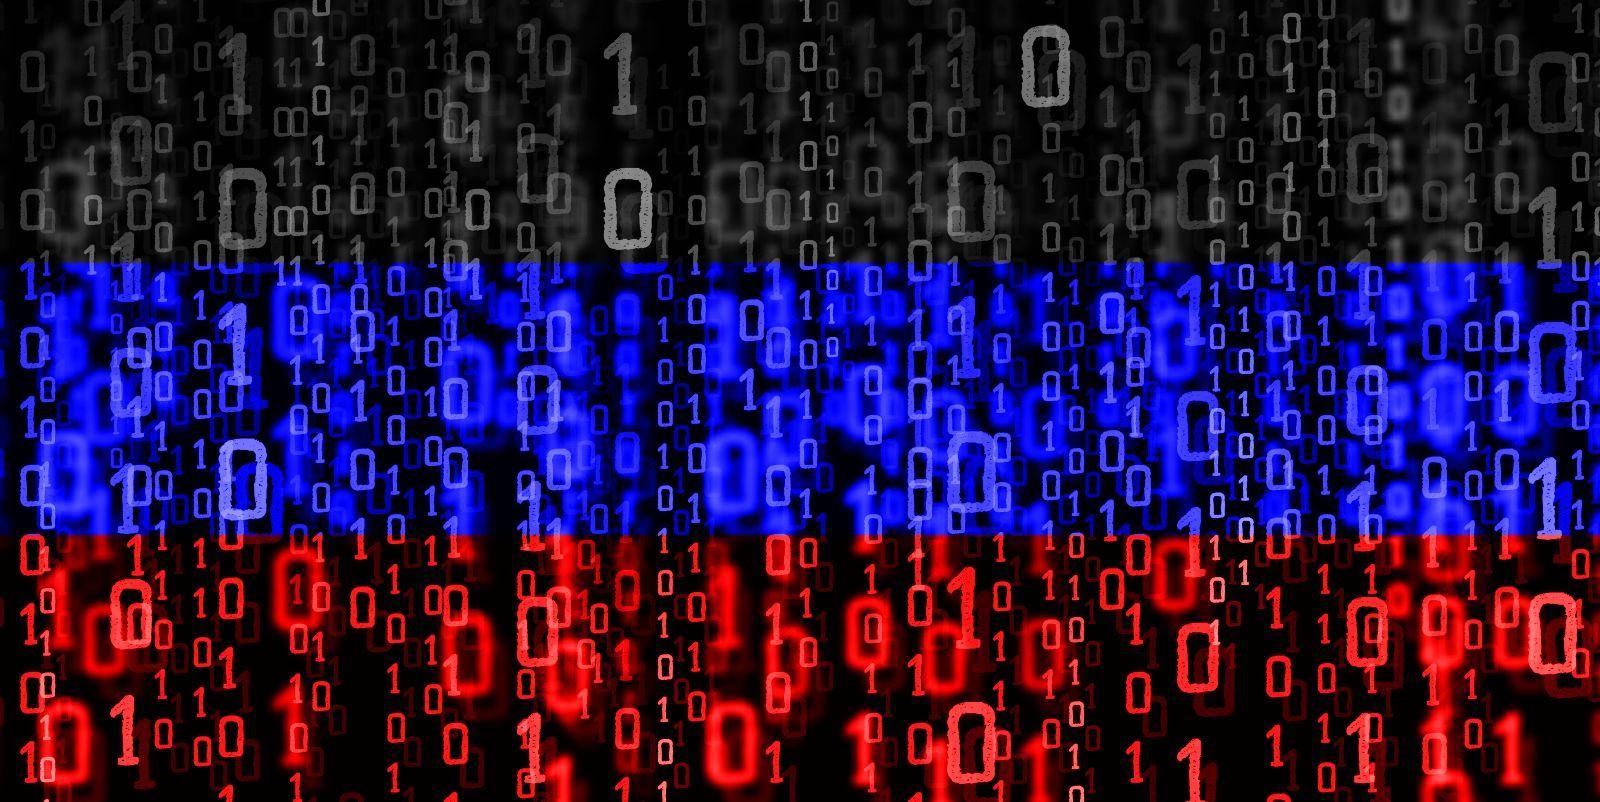 La agencia de inteligencia rusa SVR establece una plataforma de denuncia de irregularidades en la Dark Web.